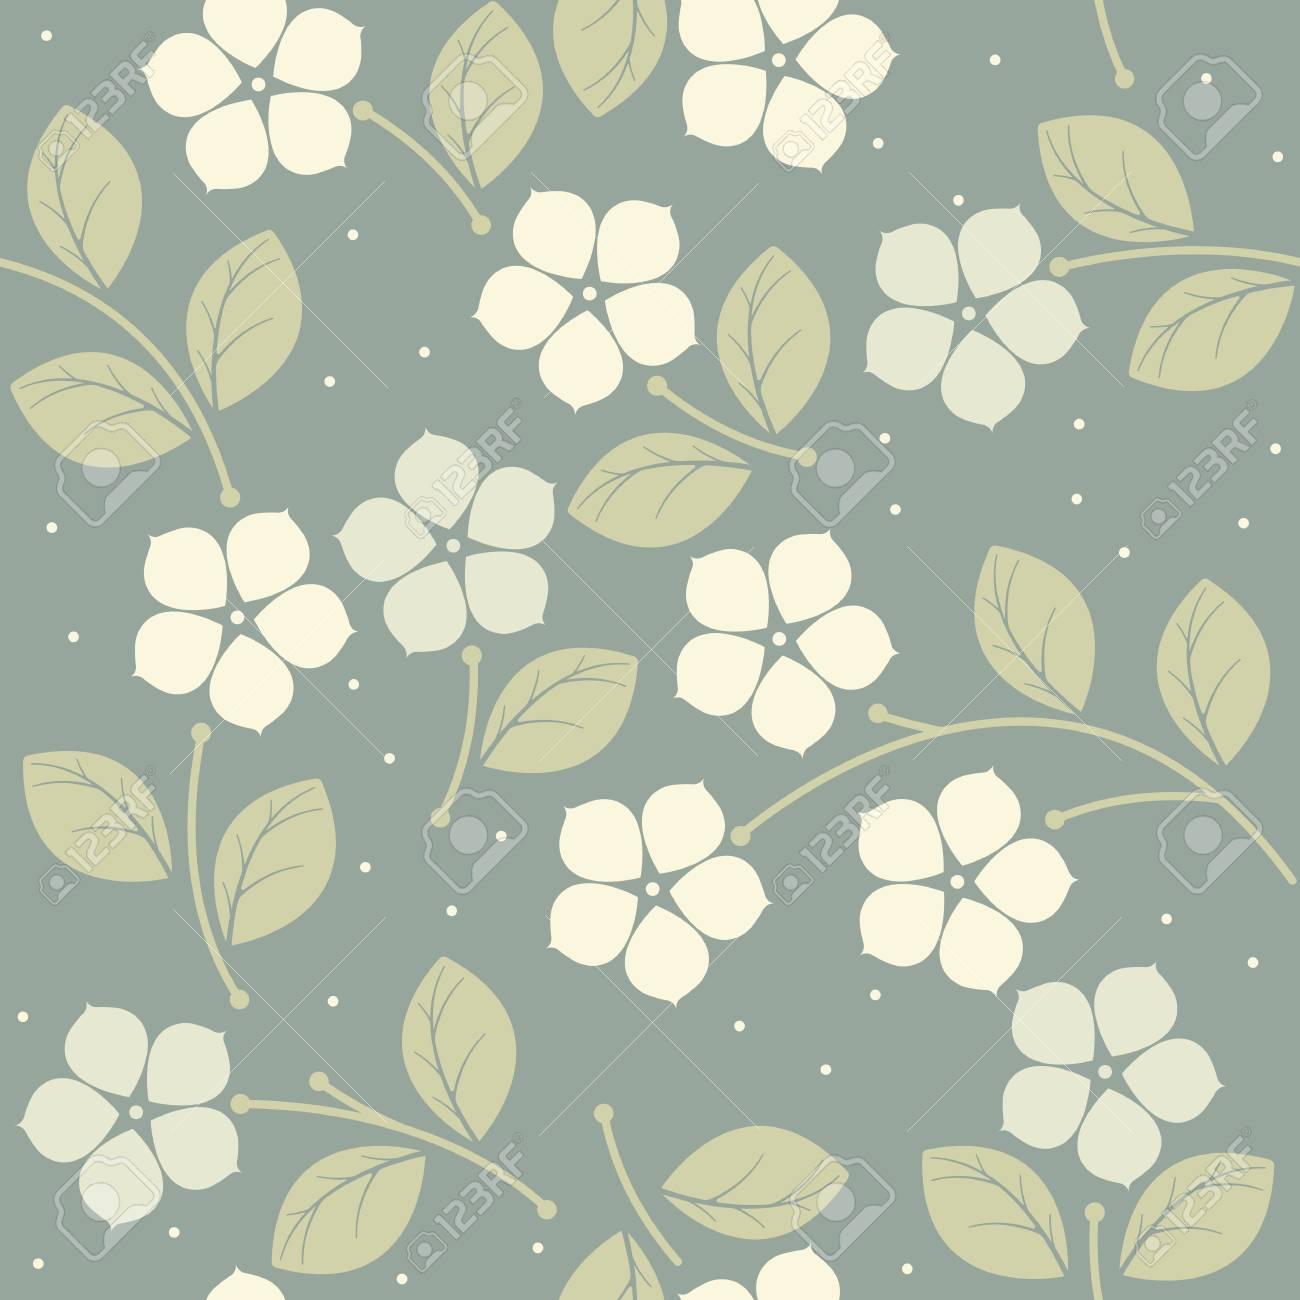 Modelo Inconsútil Del Verano Con Flores De Color Blanco Se Puede ...